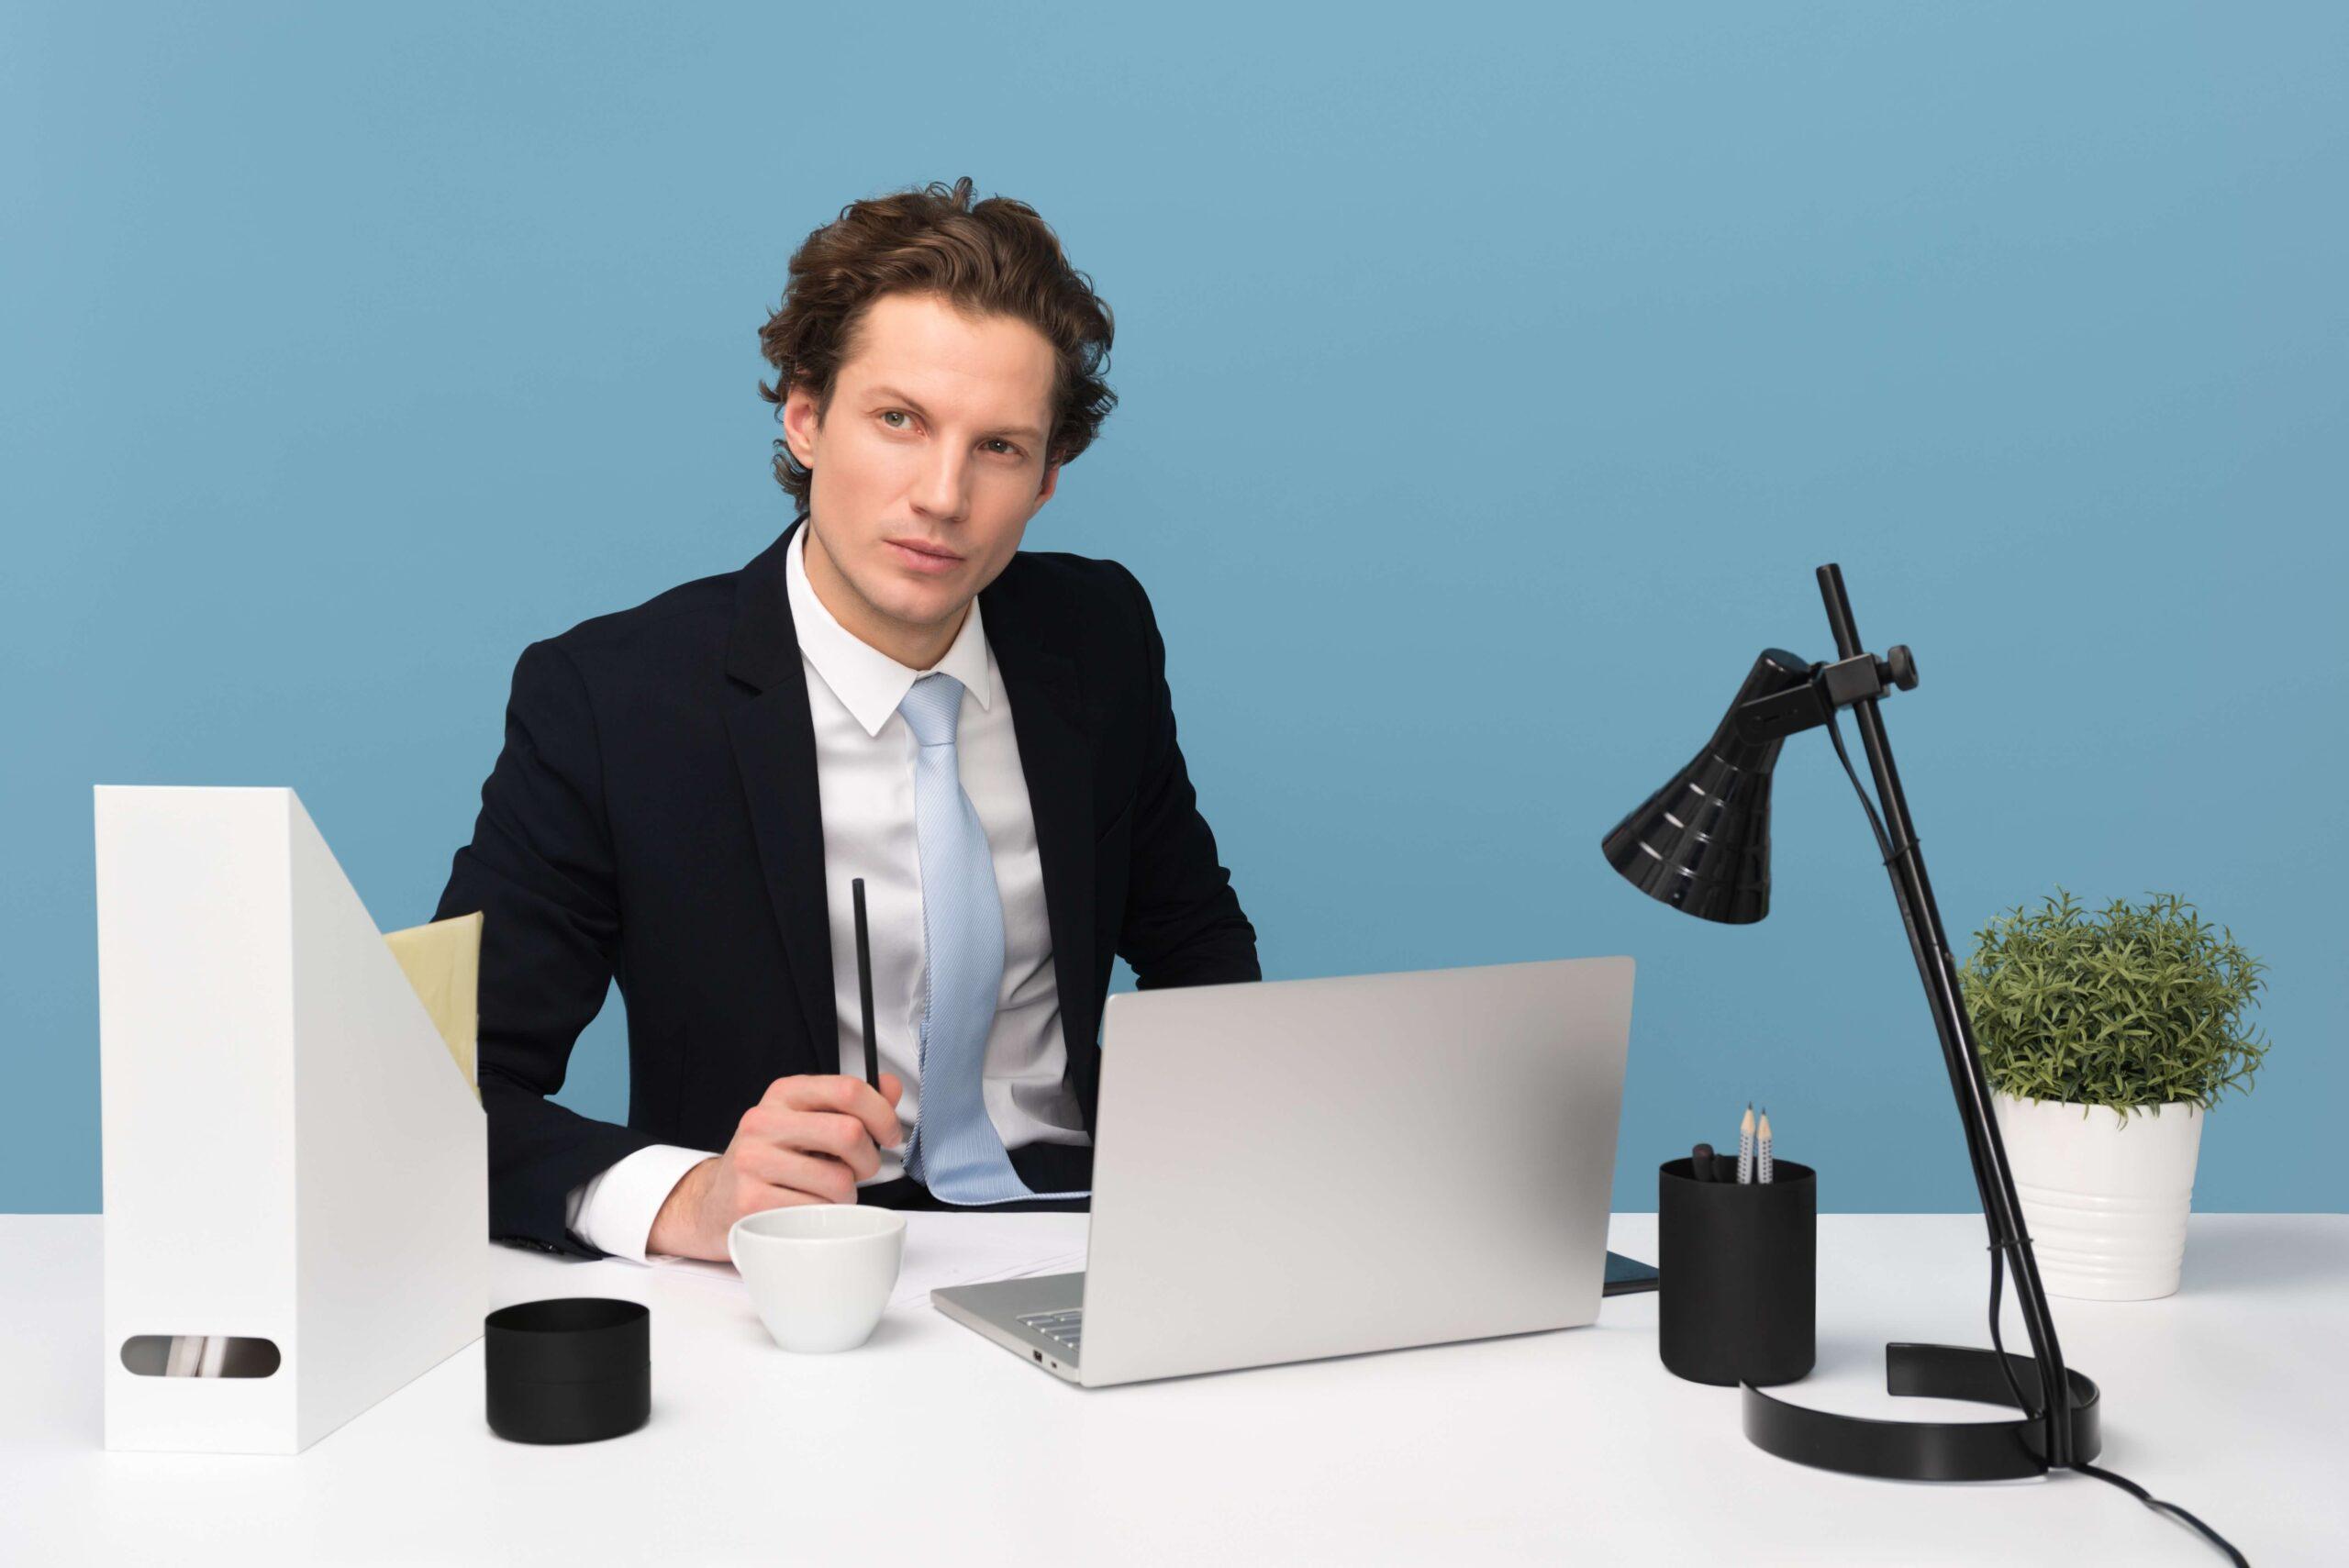 20代のビジネスマンが自己投資をすべき理由